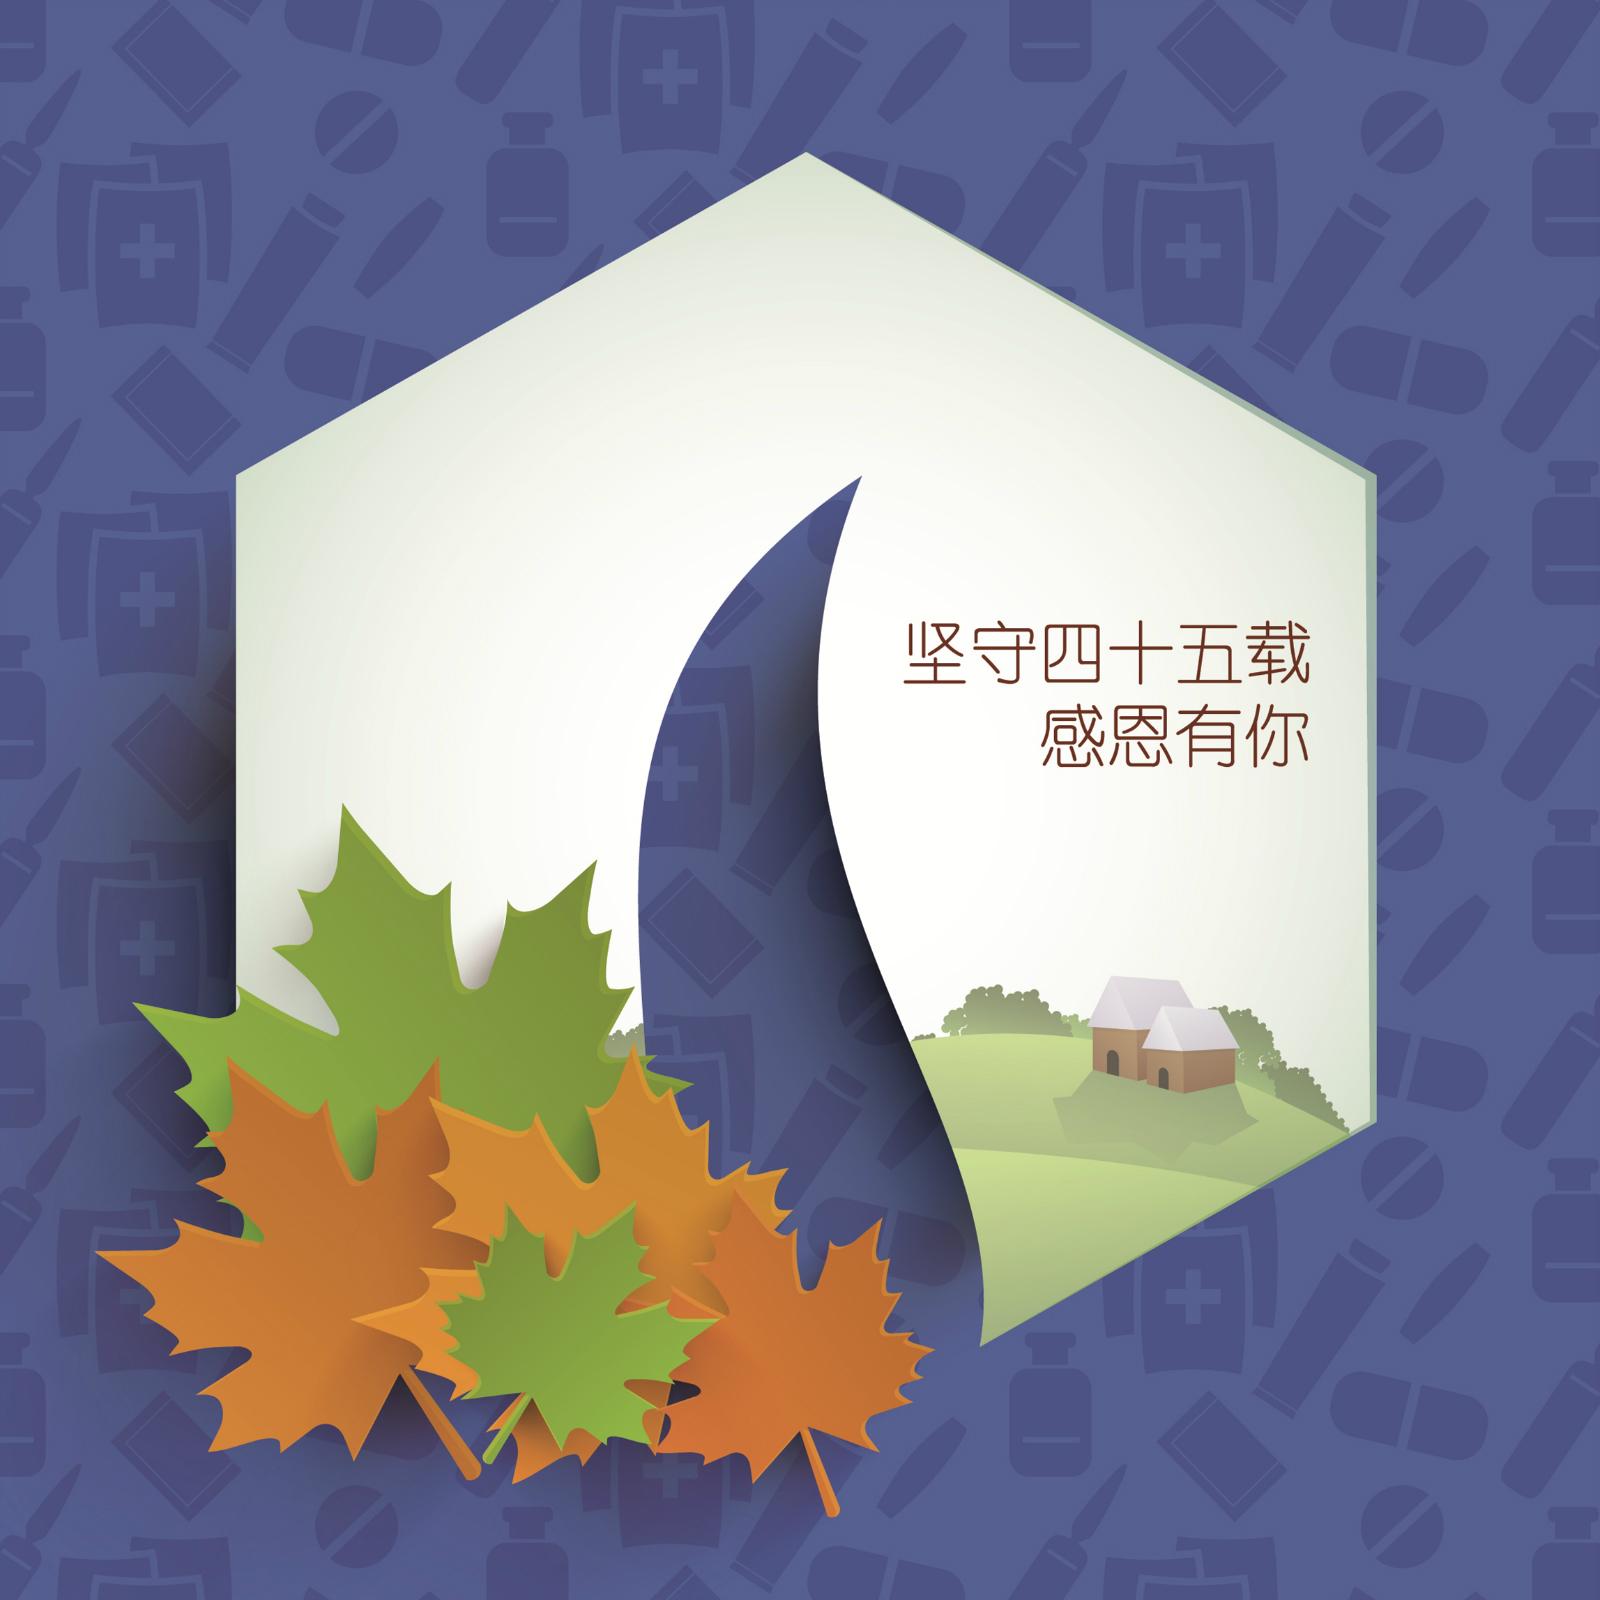 仙居制药销售有限公司logo